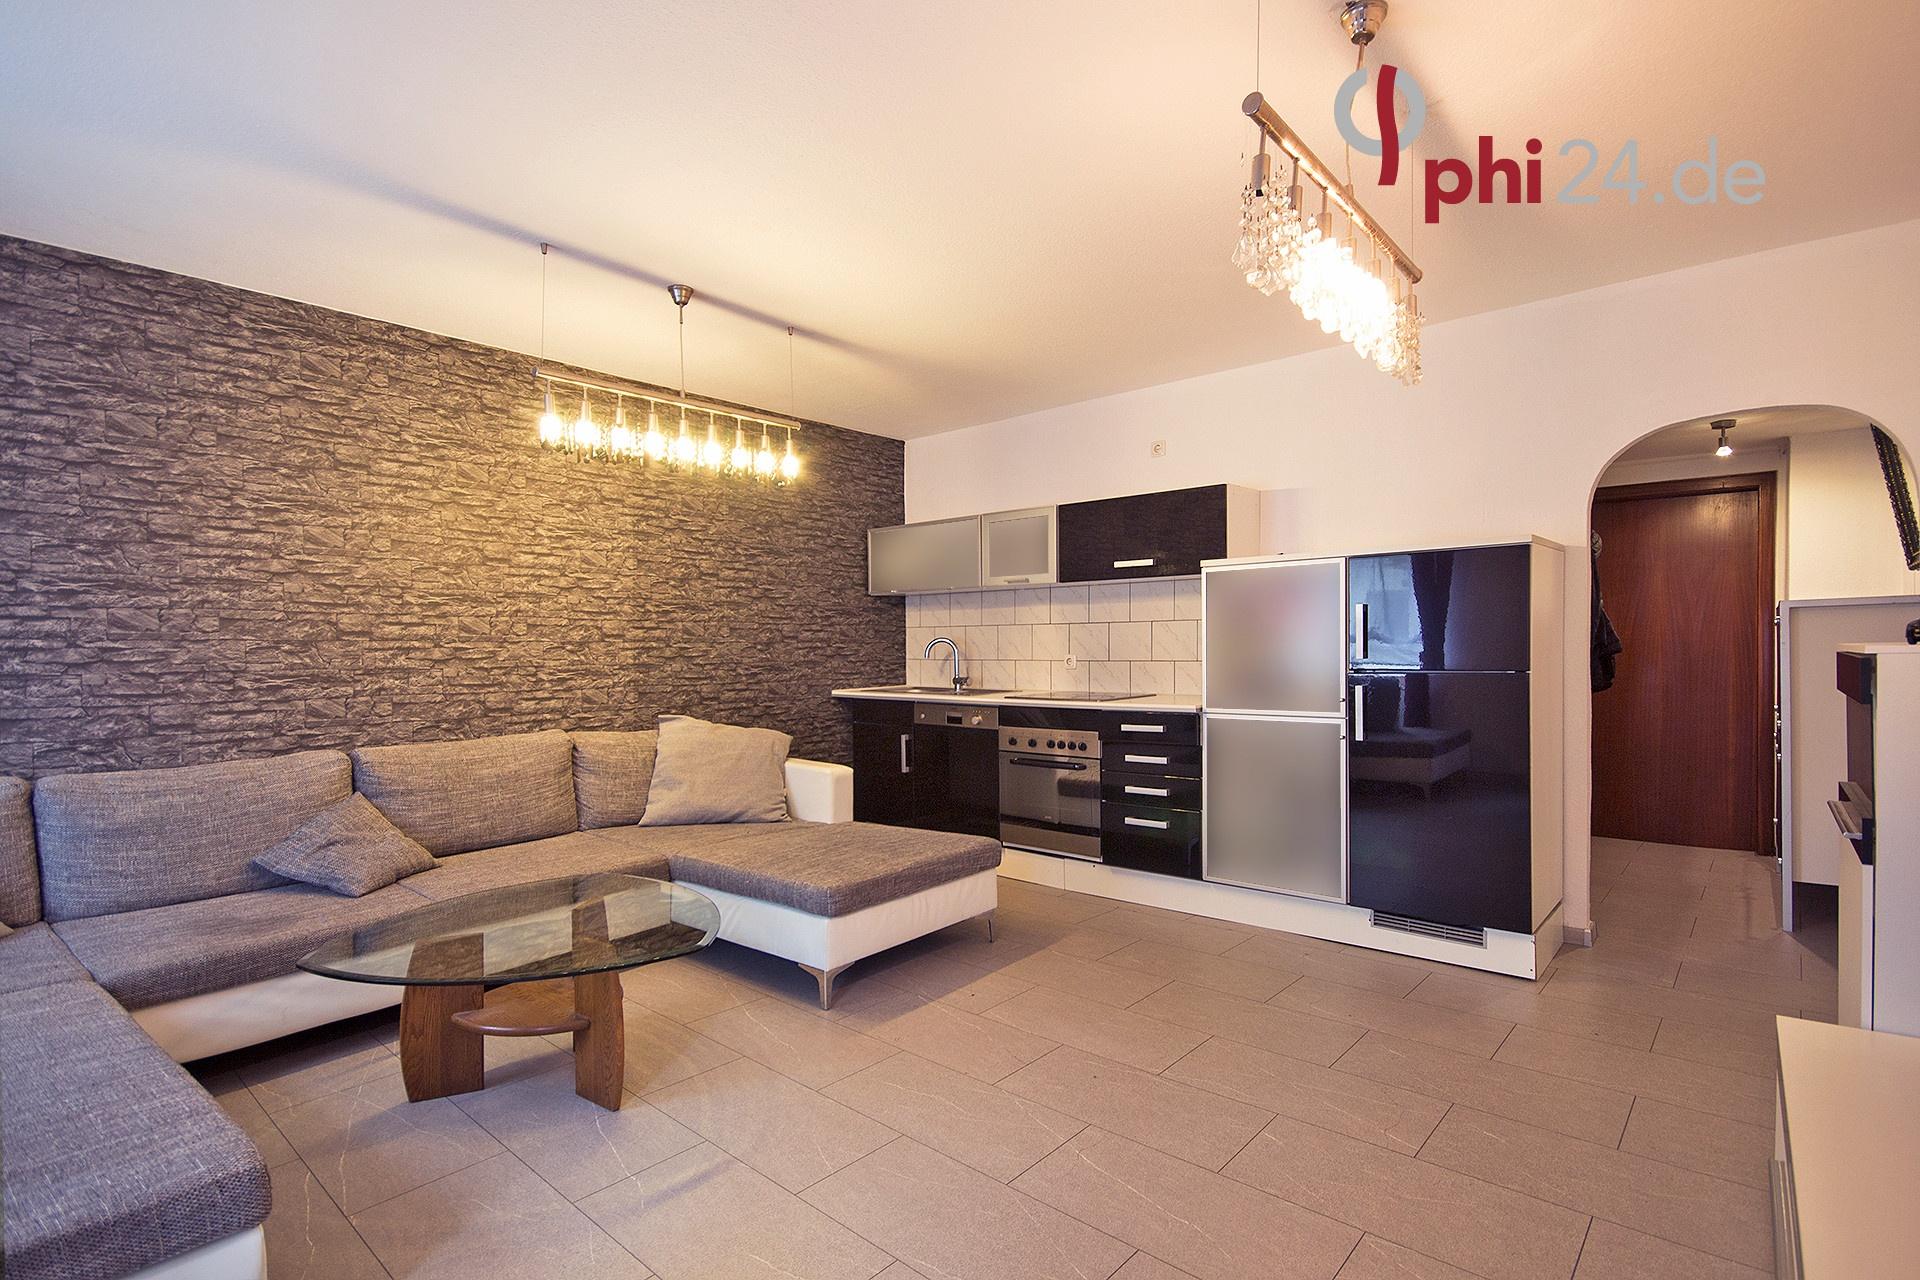 Immobilienmakler Herzogenrath Wohn- und Geschäftshaus referenzen mit Immobilienbewertung